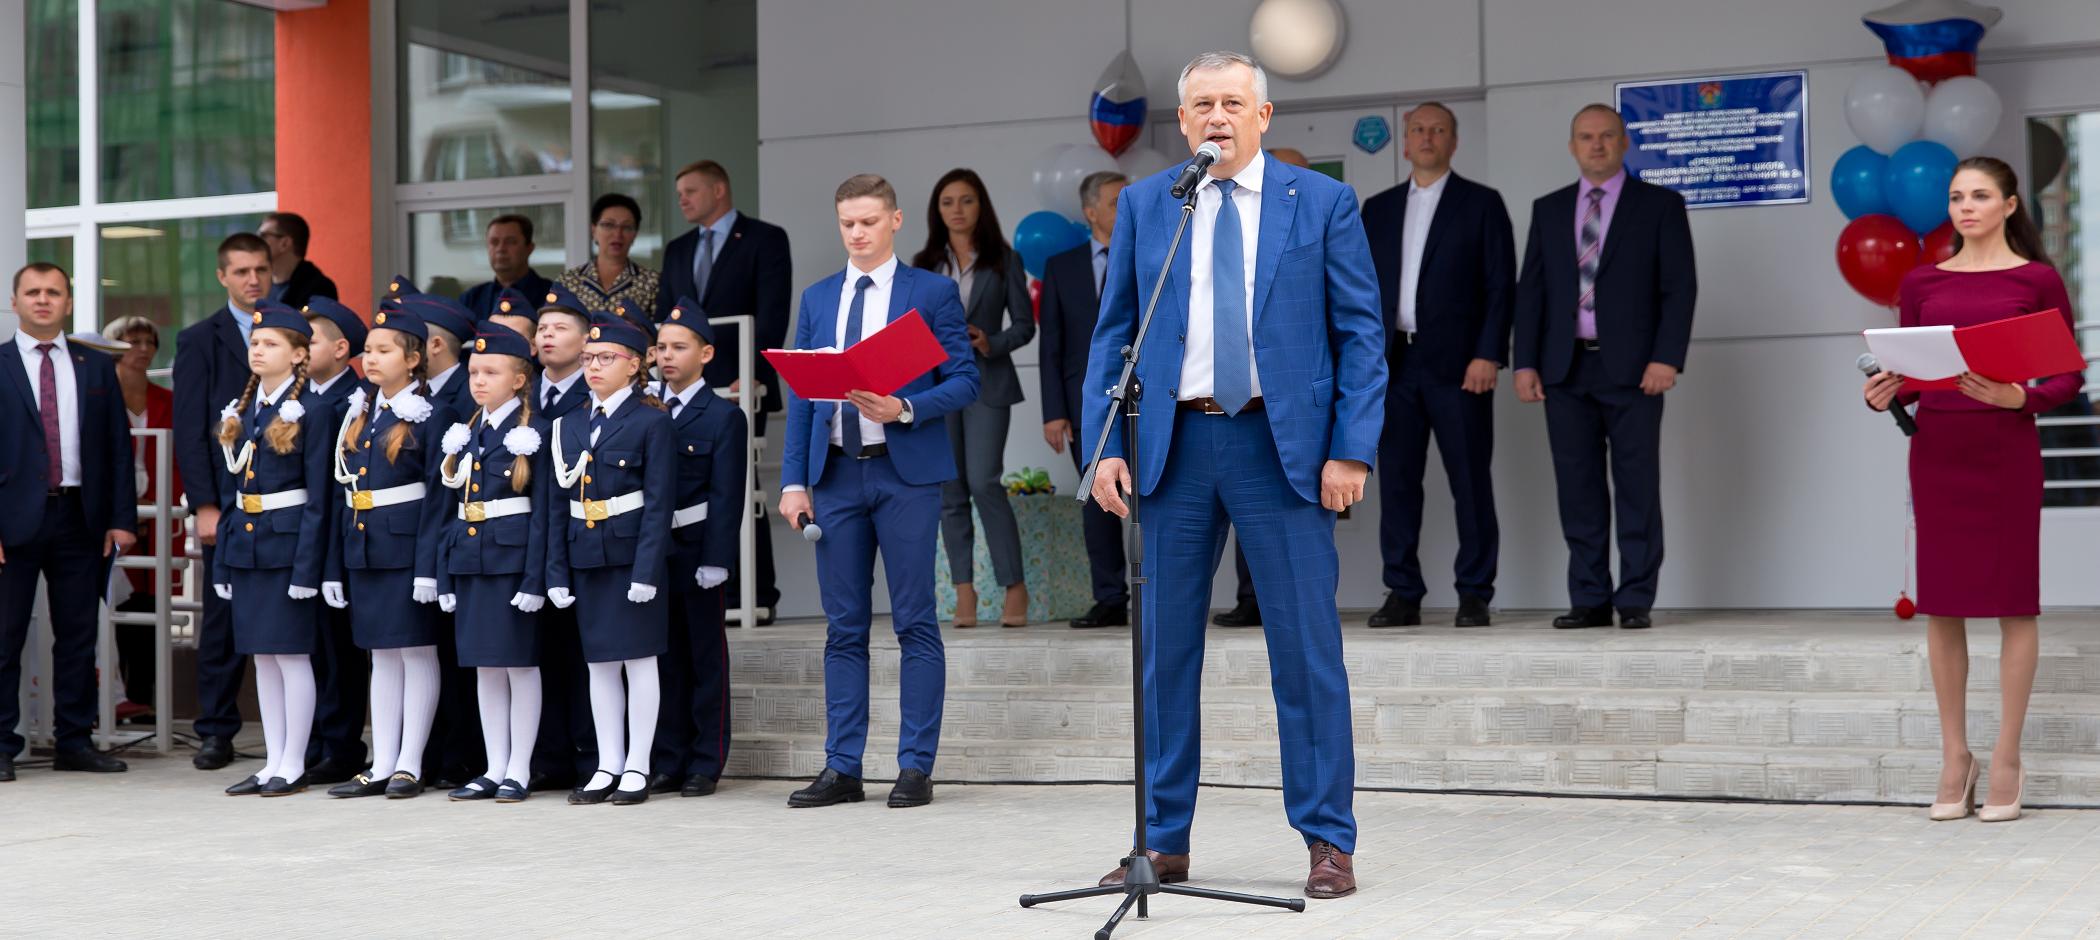 1 сентября 2018 года состоялось открытие школьного отделения